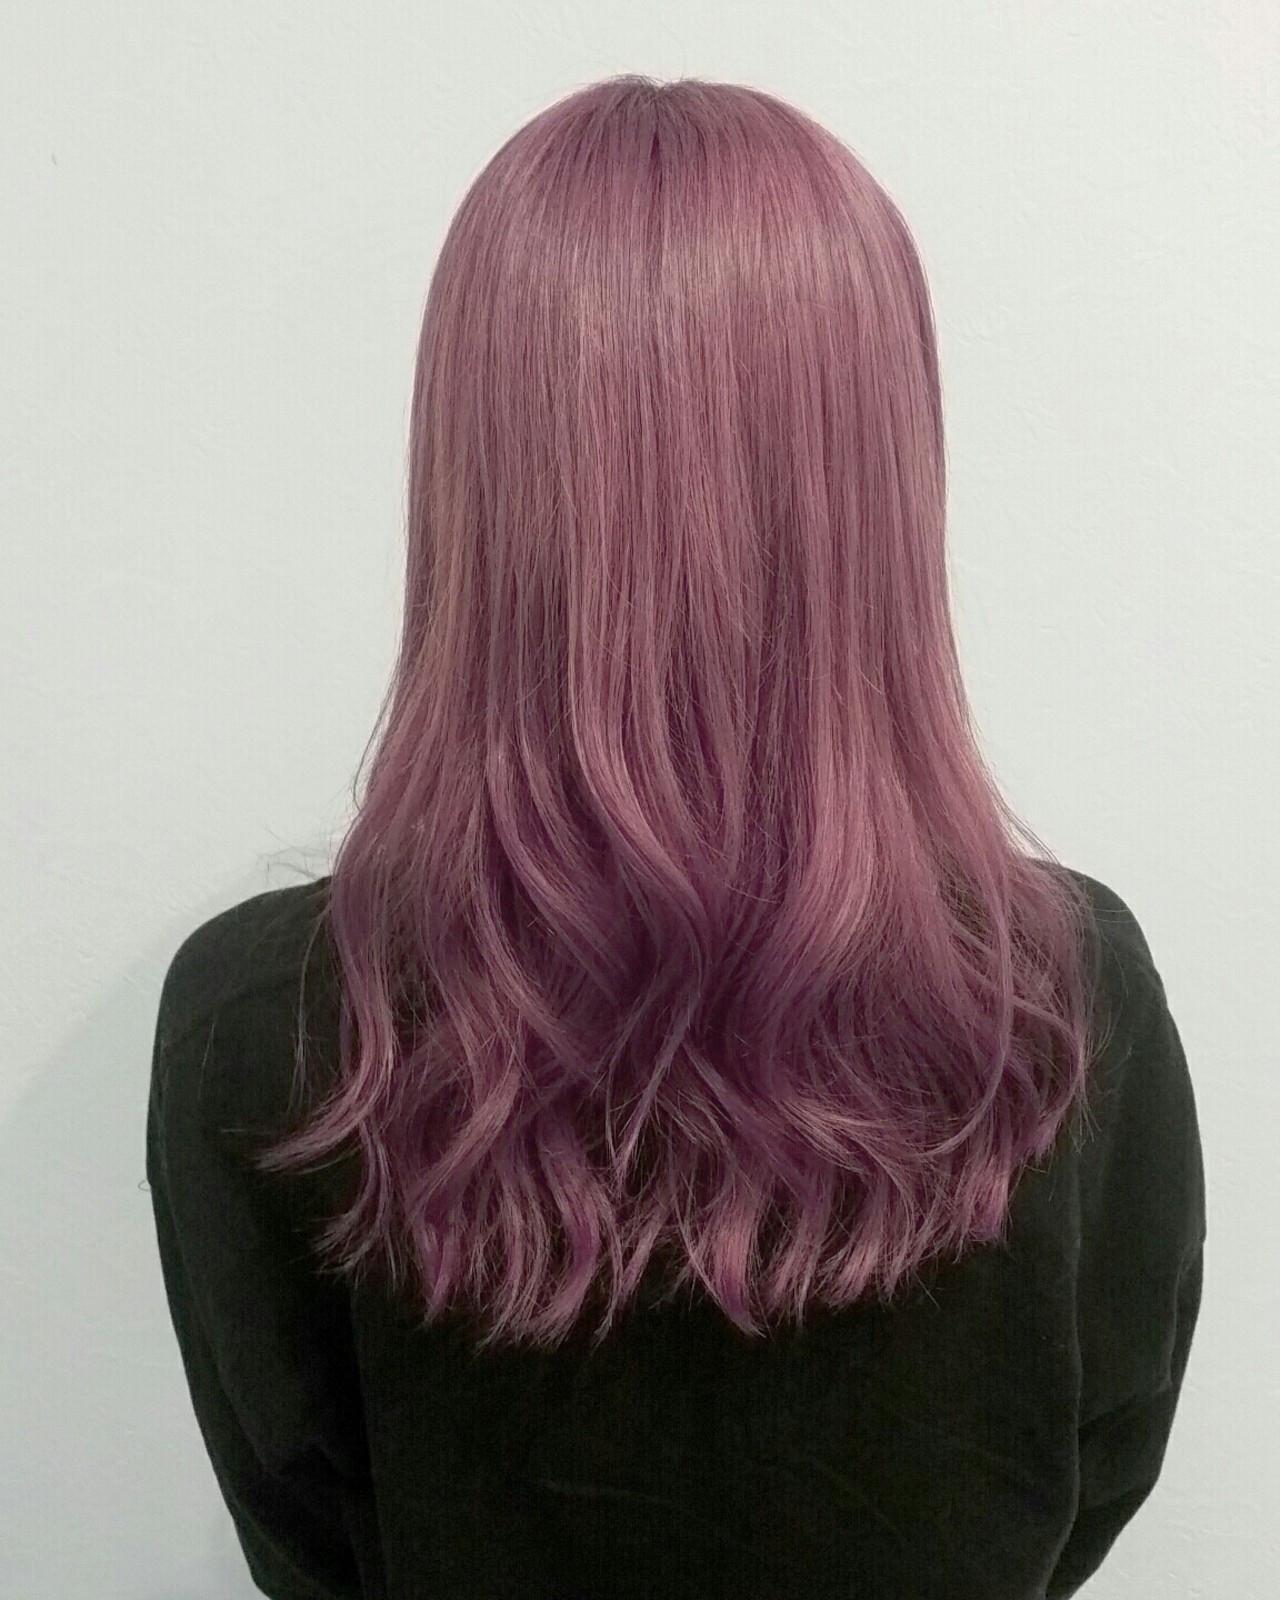 セミロング ピンク レッド パープル ヘアスタイルや髪型の写真・画像